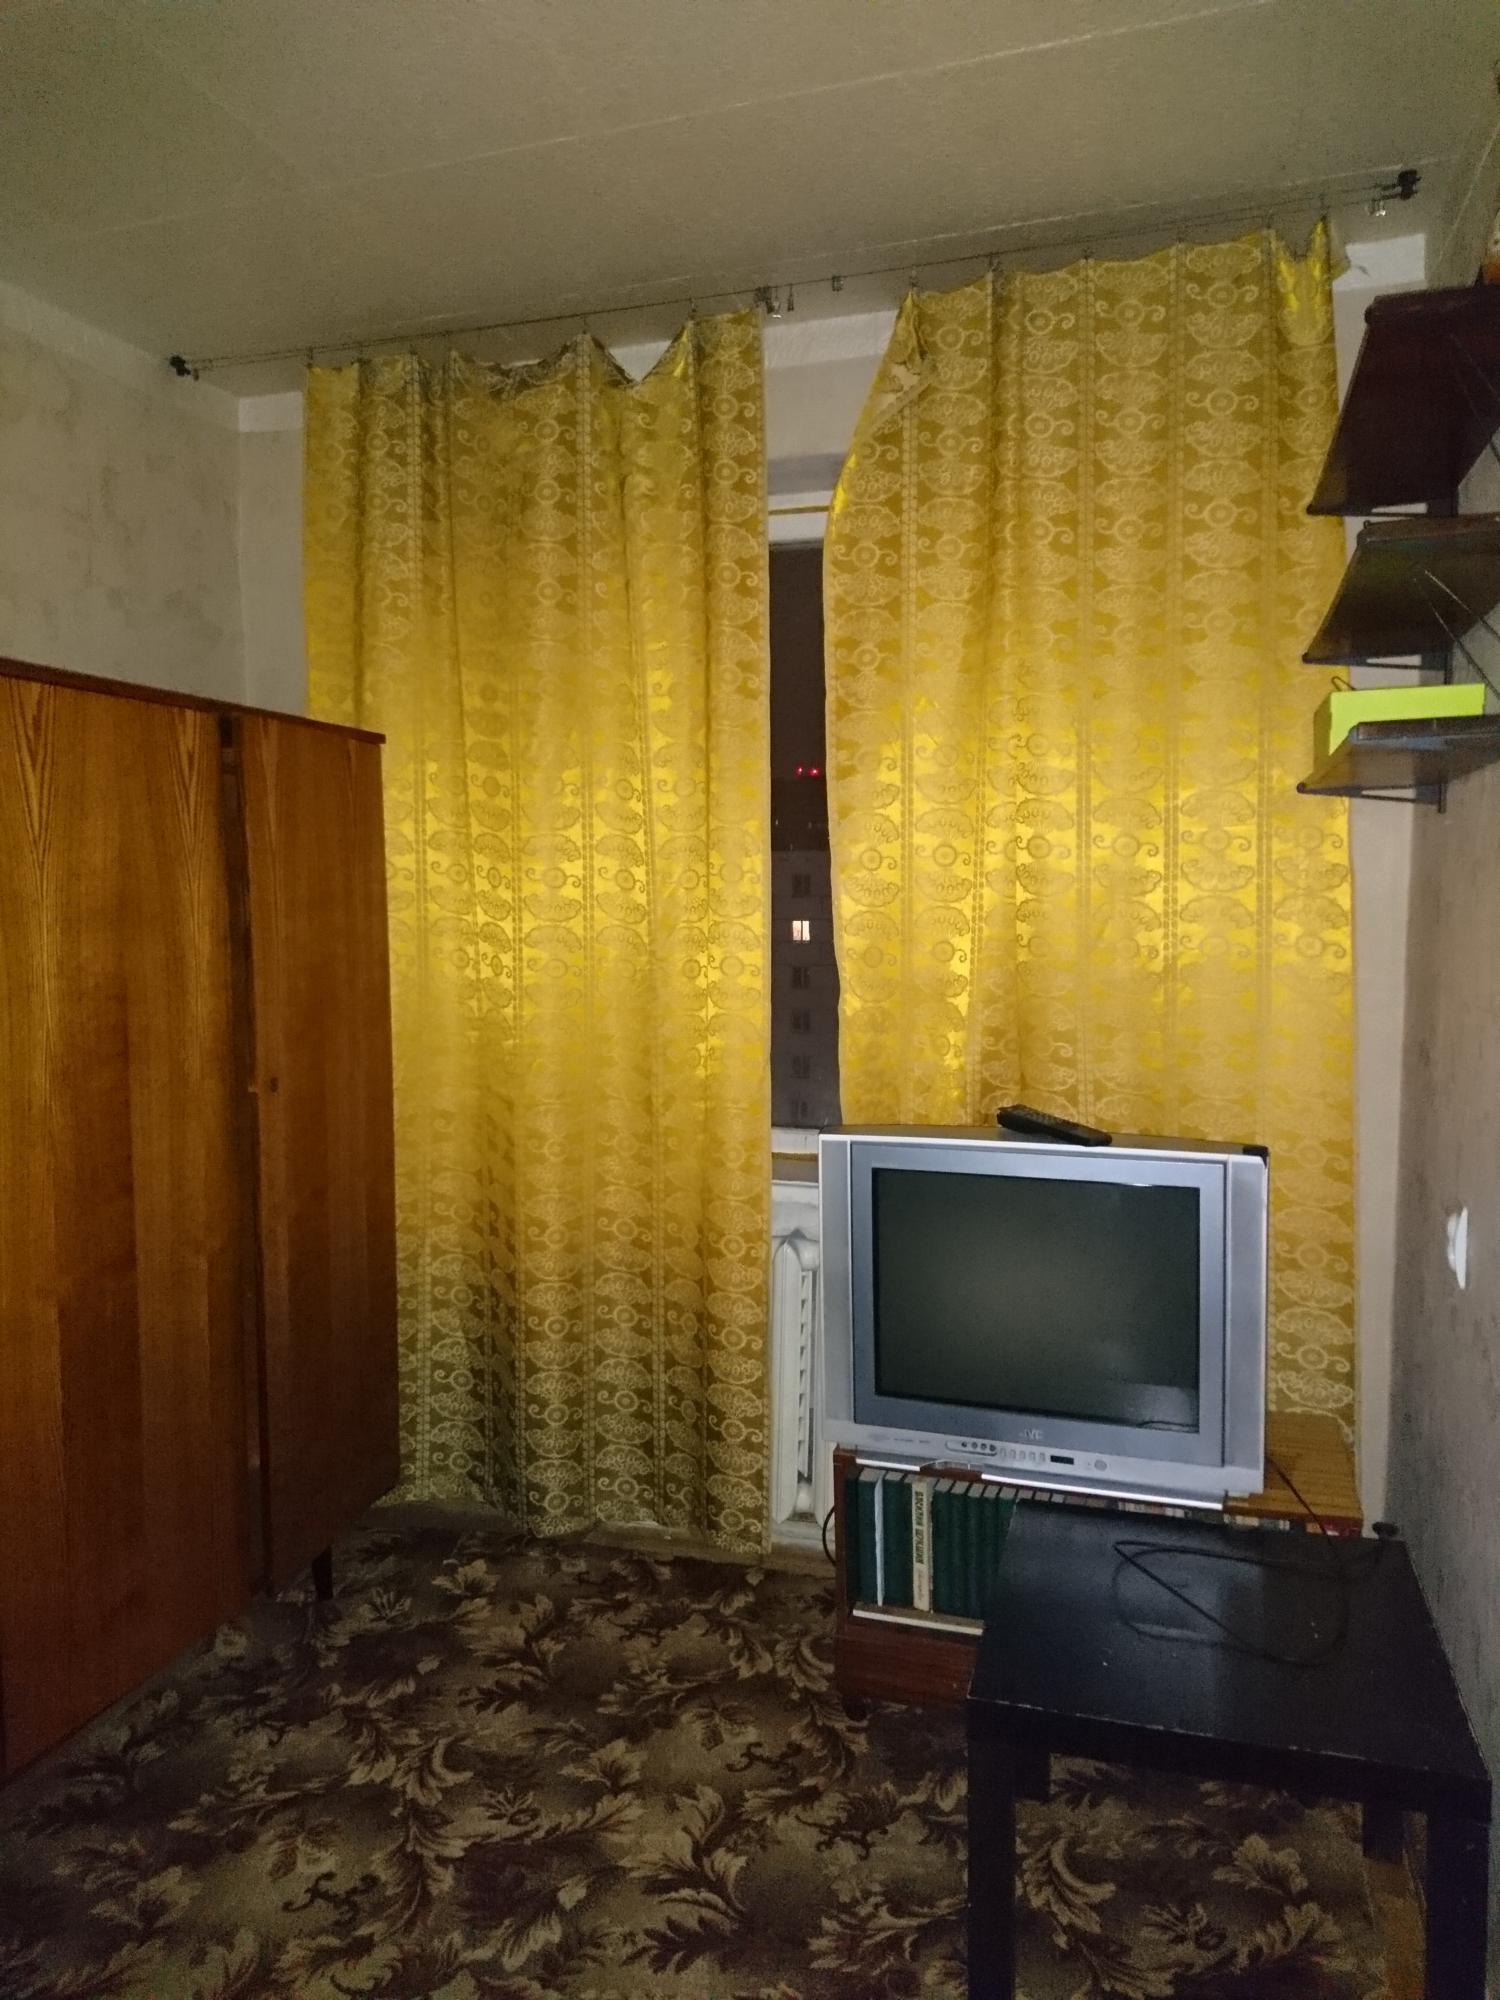 Квартира, 2 комнаты, 50 м² в Пушкино 89055552967 купить 6